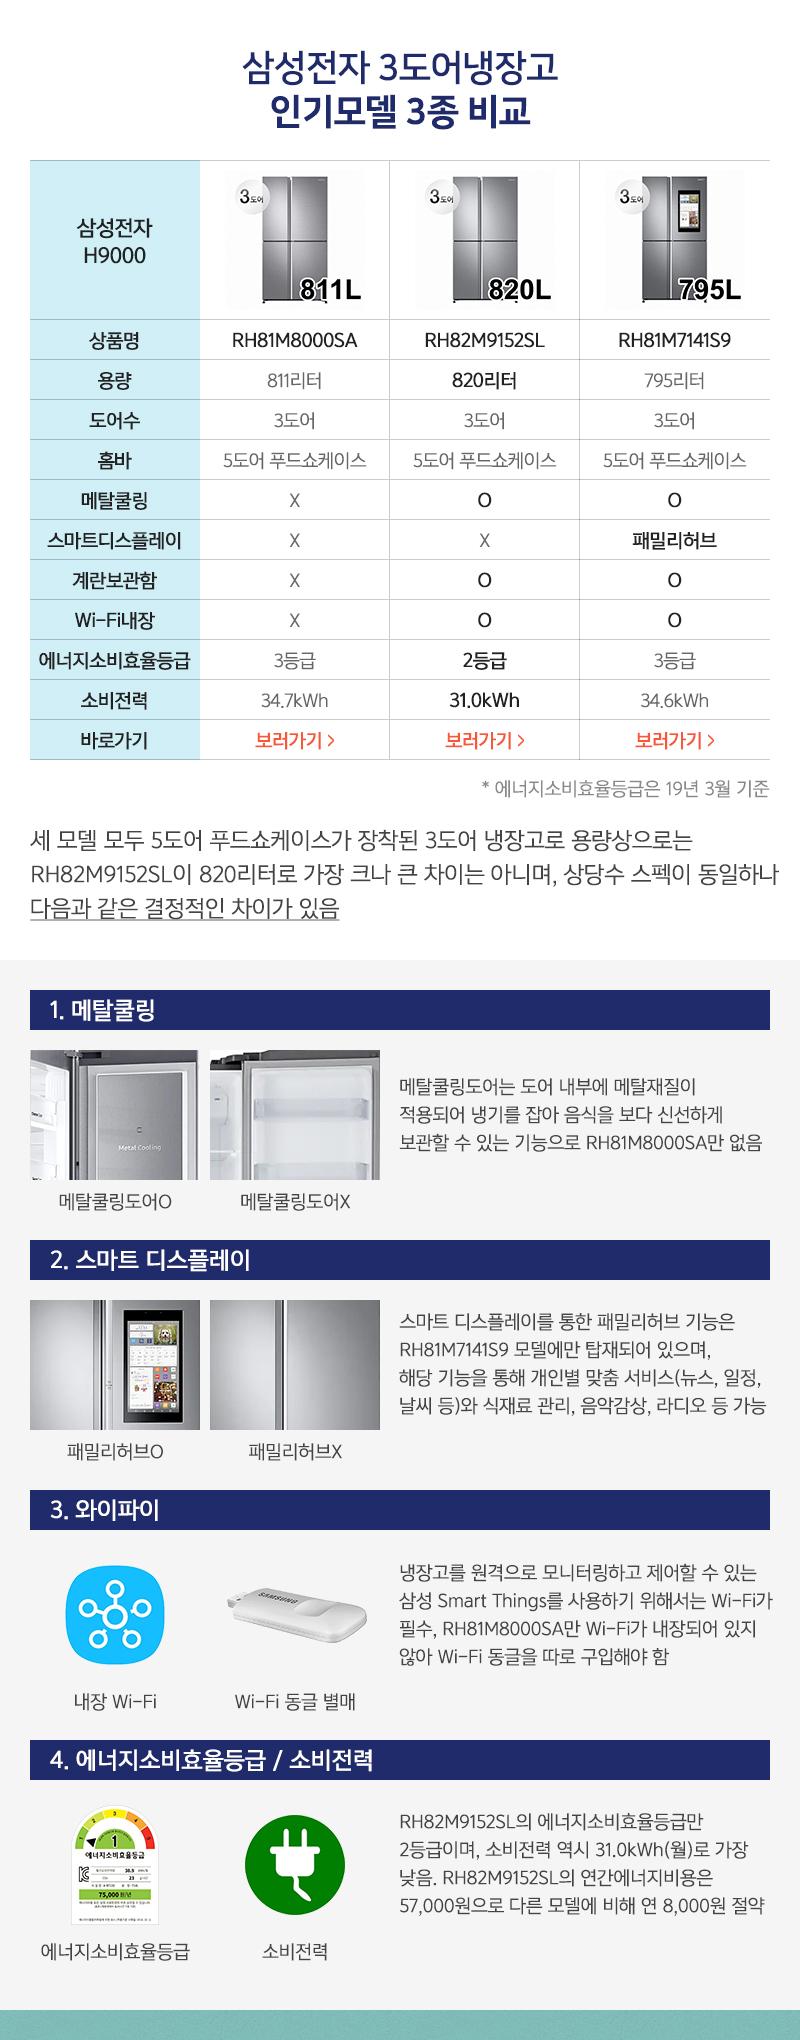 삼성전자 3도어냉장고 인기모델 3종 비교